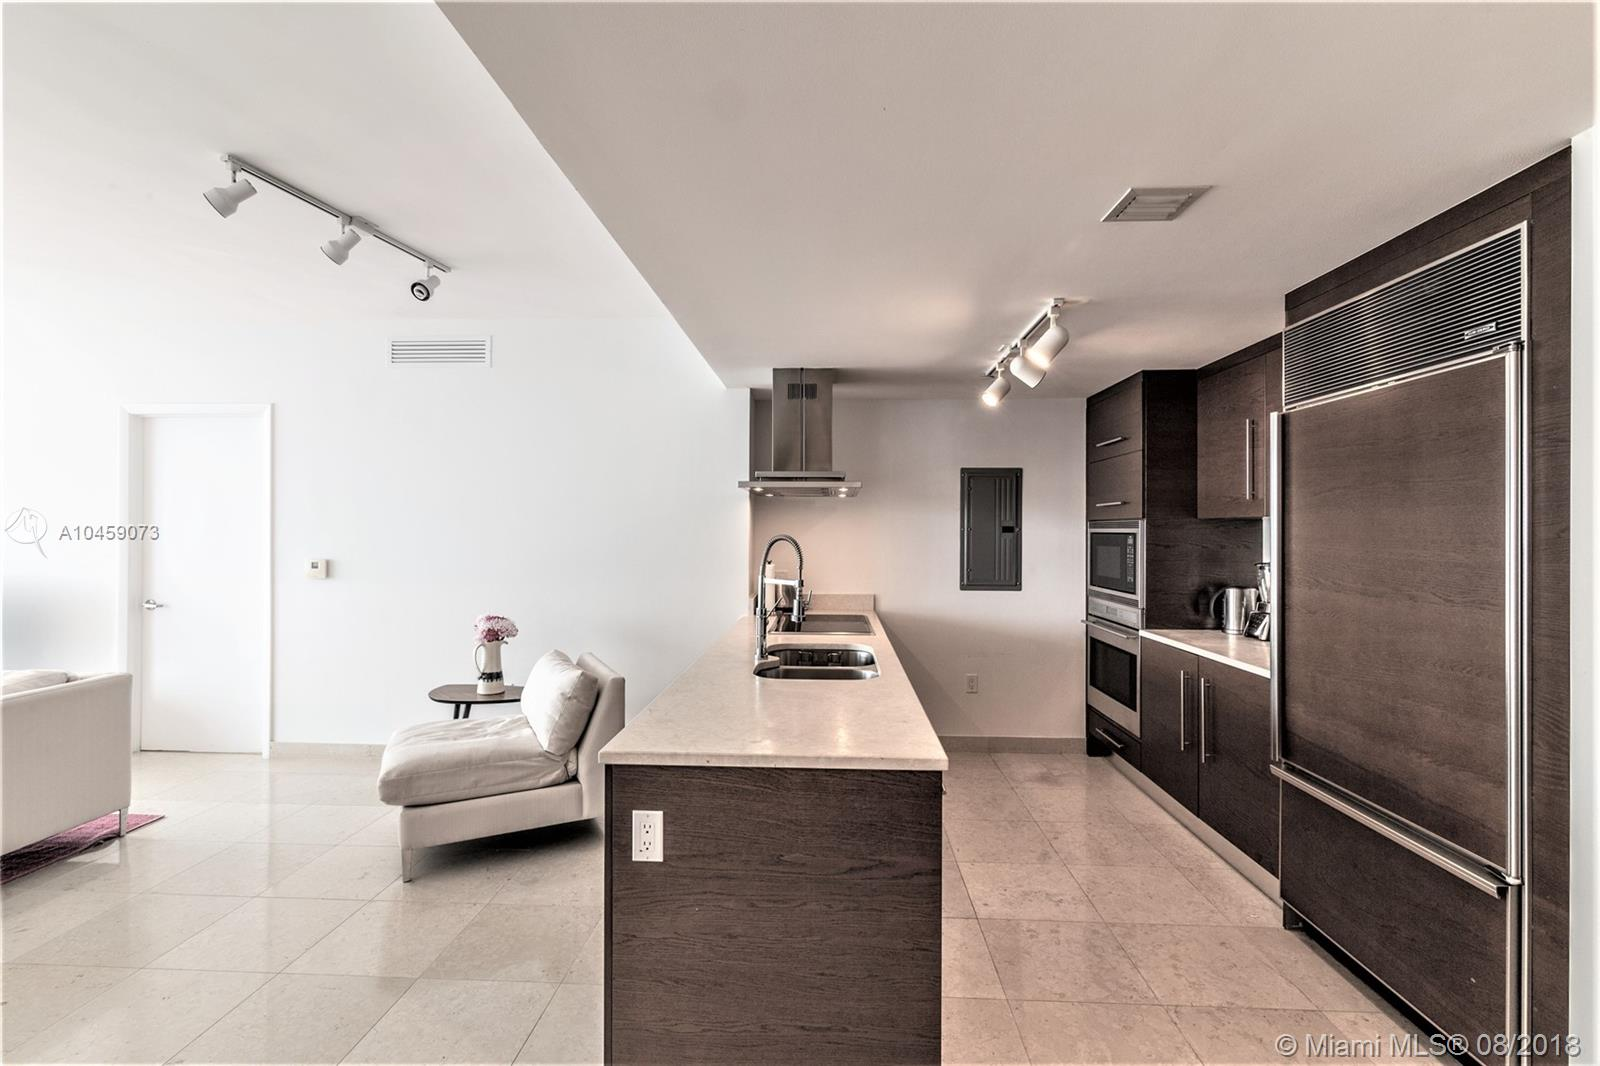 495 Brickell Ave, Miami, FL 33131, Icon Brickell II #3603, Brickell, Miami A10459073 image #8